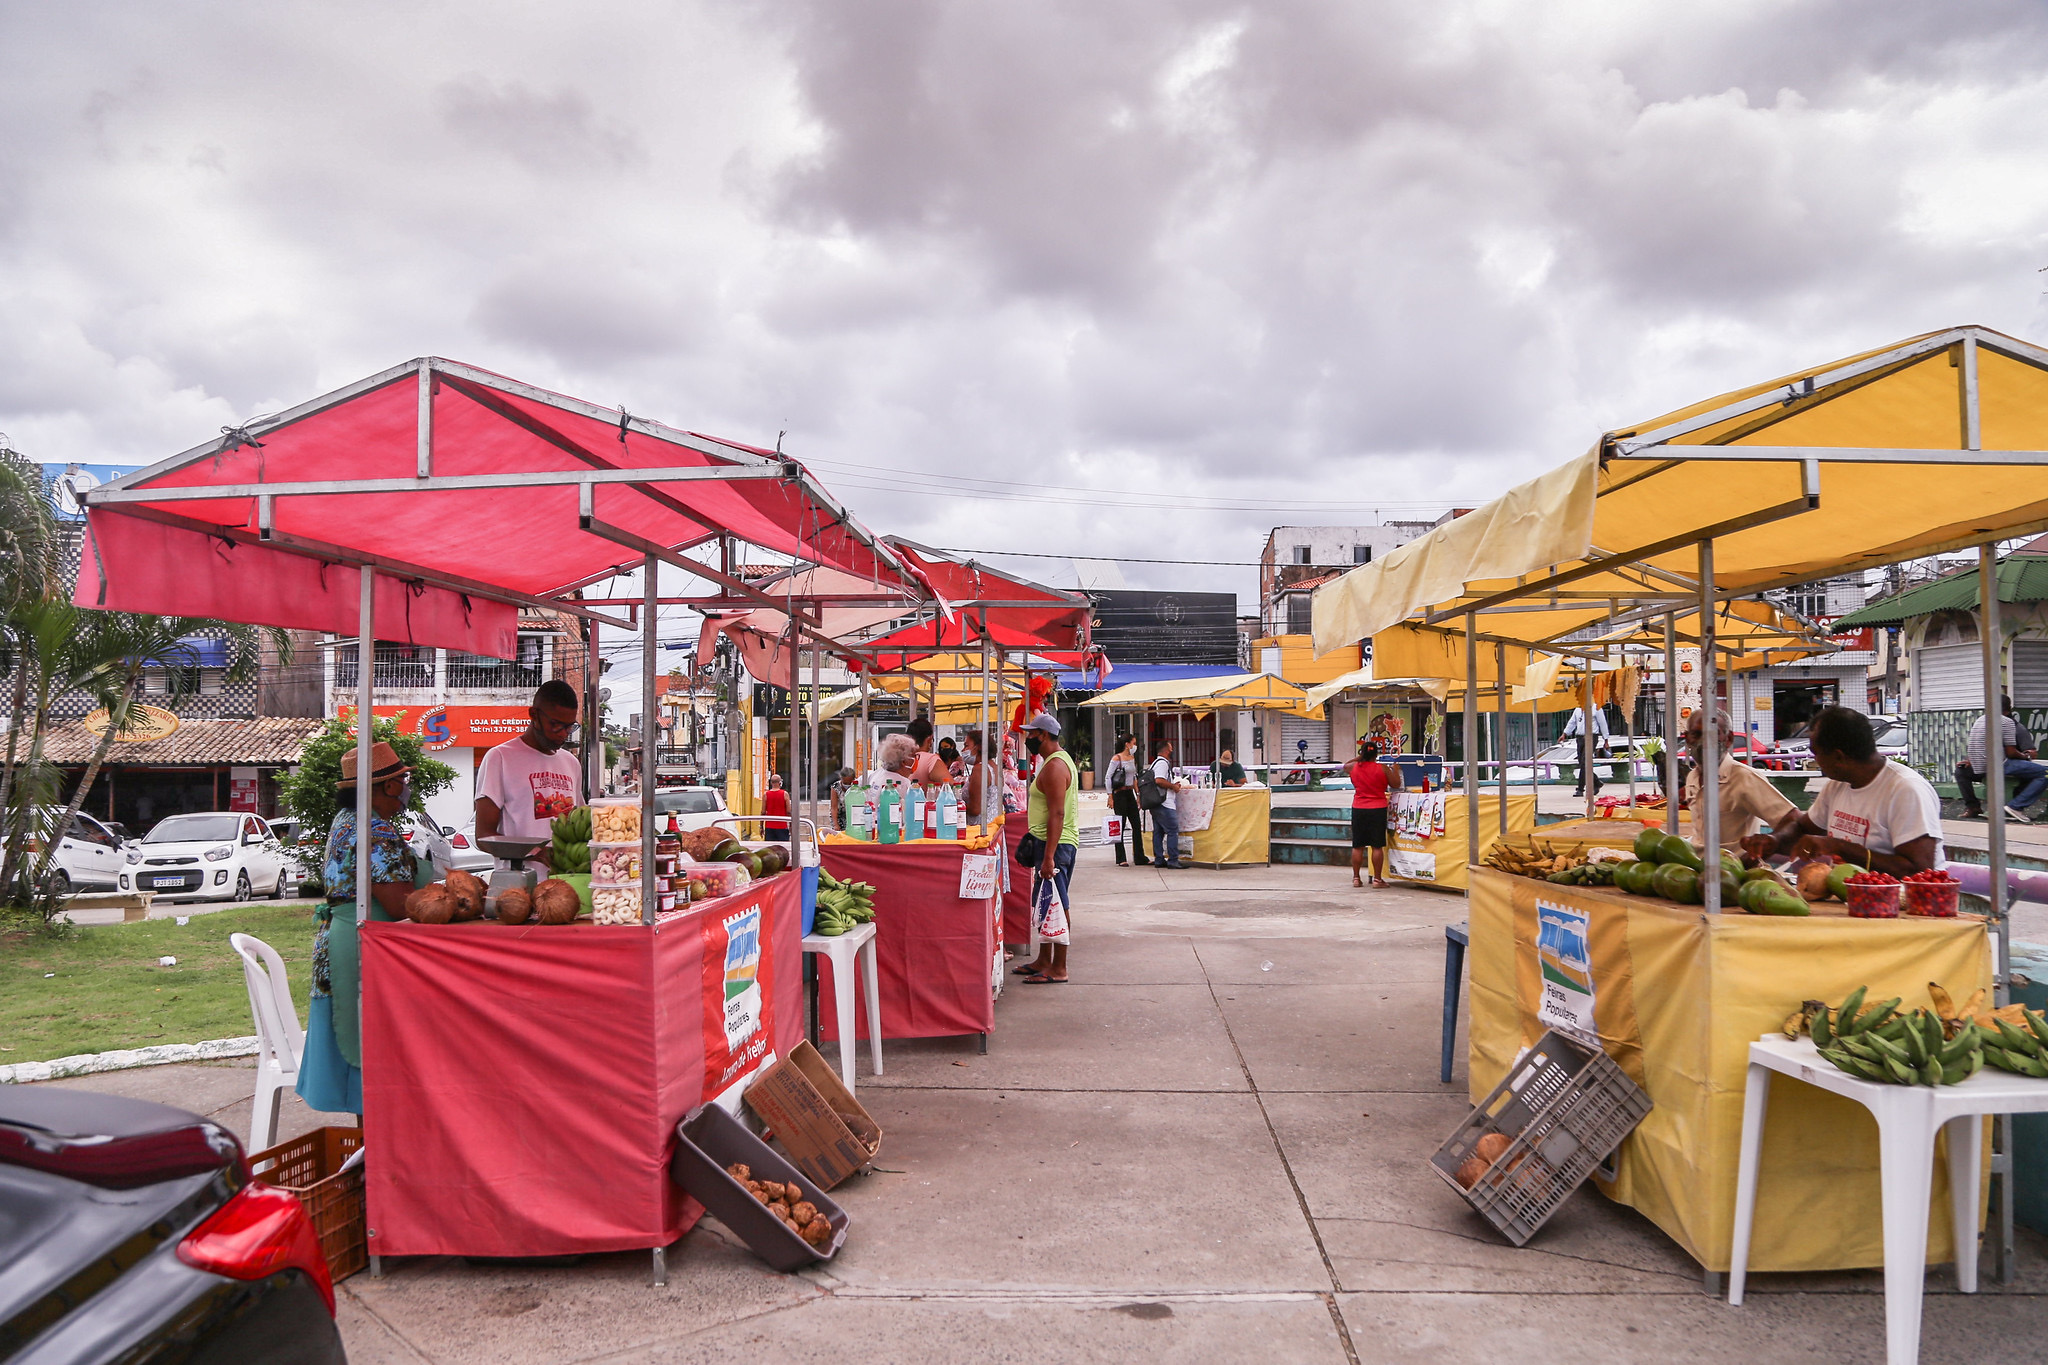 Feira livre leva alimentos saudáveis, poesia e música à Praça Martiniano Maia nesta sexta (20)